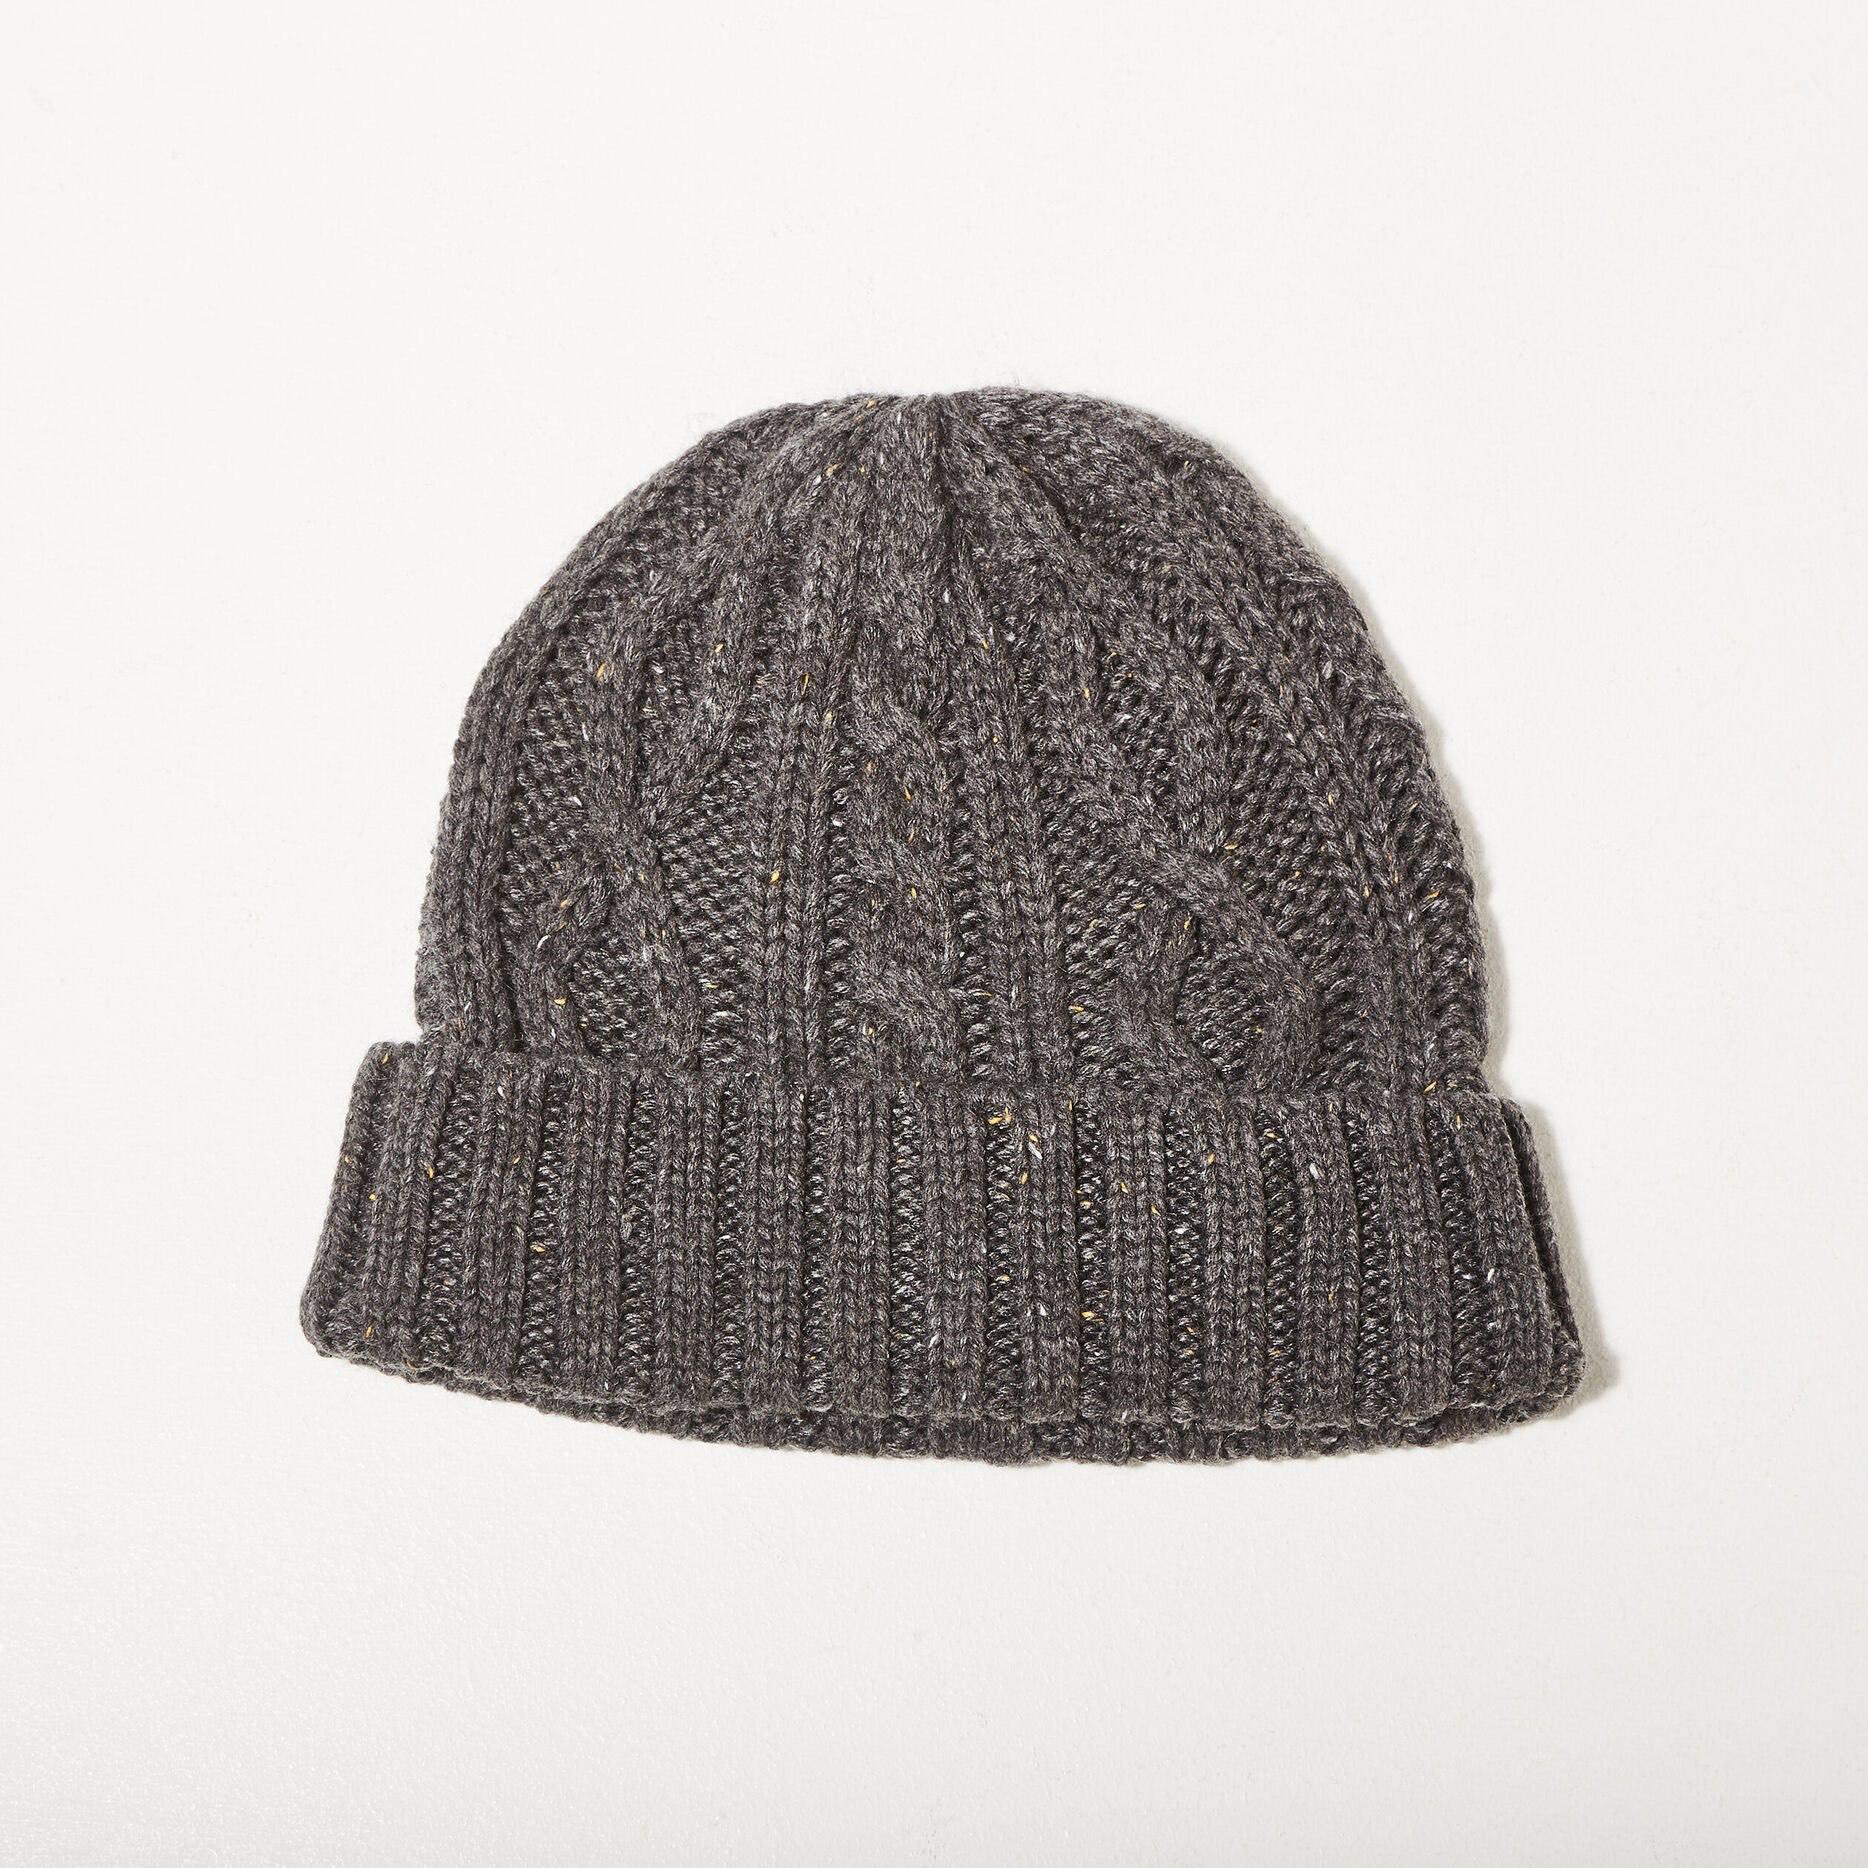 Bonnet tricoté - gris foncé